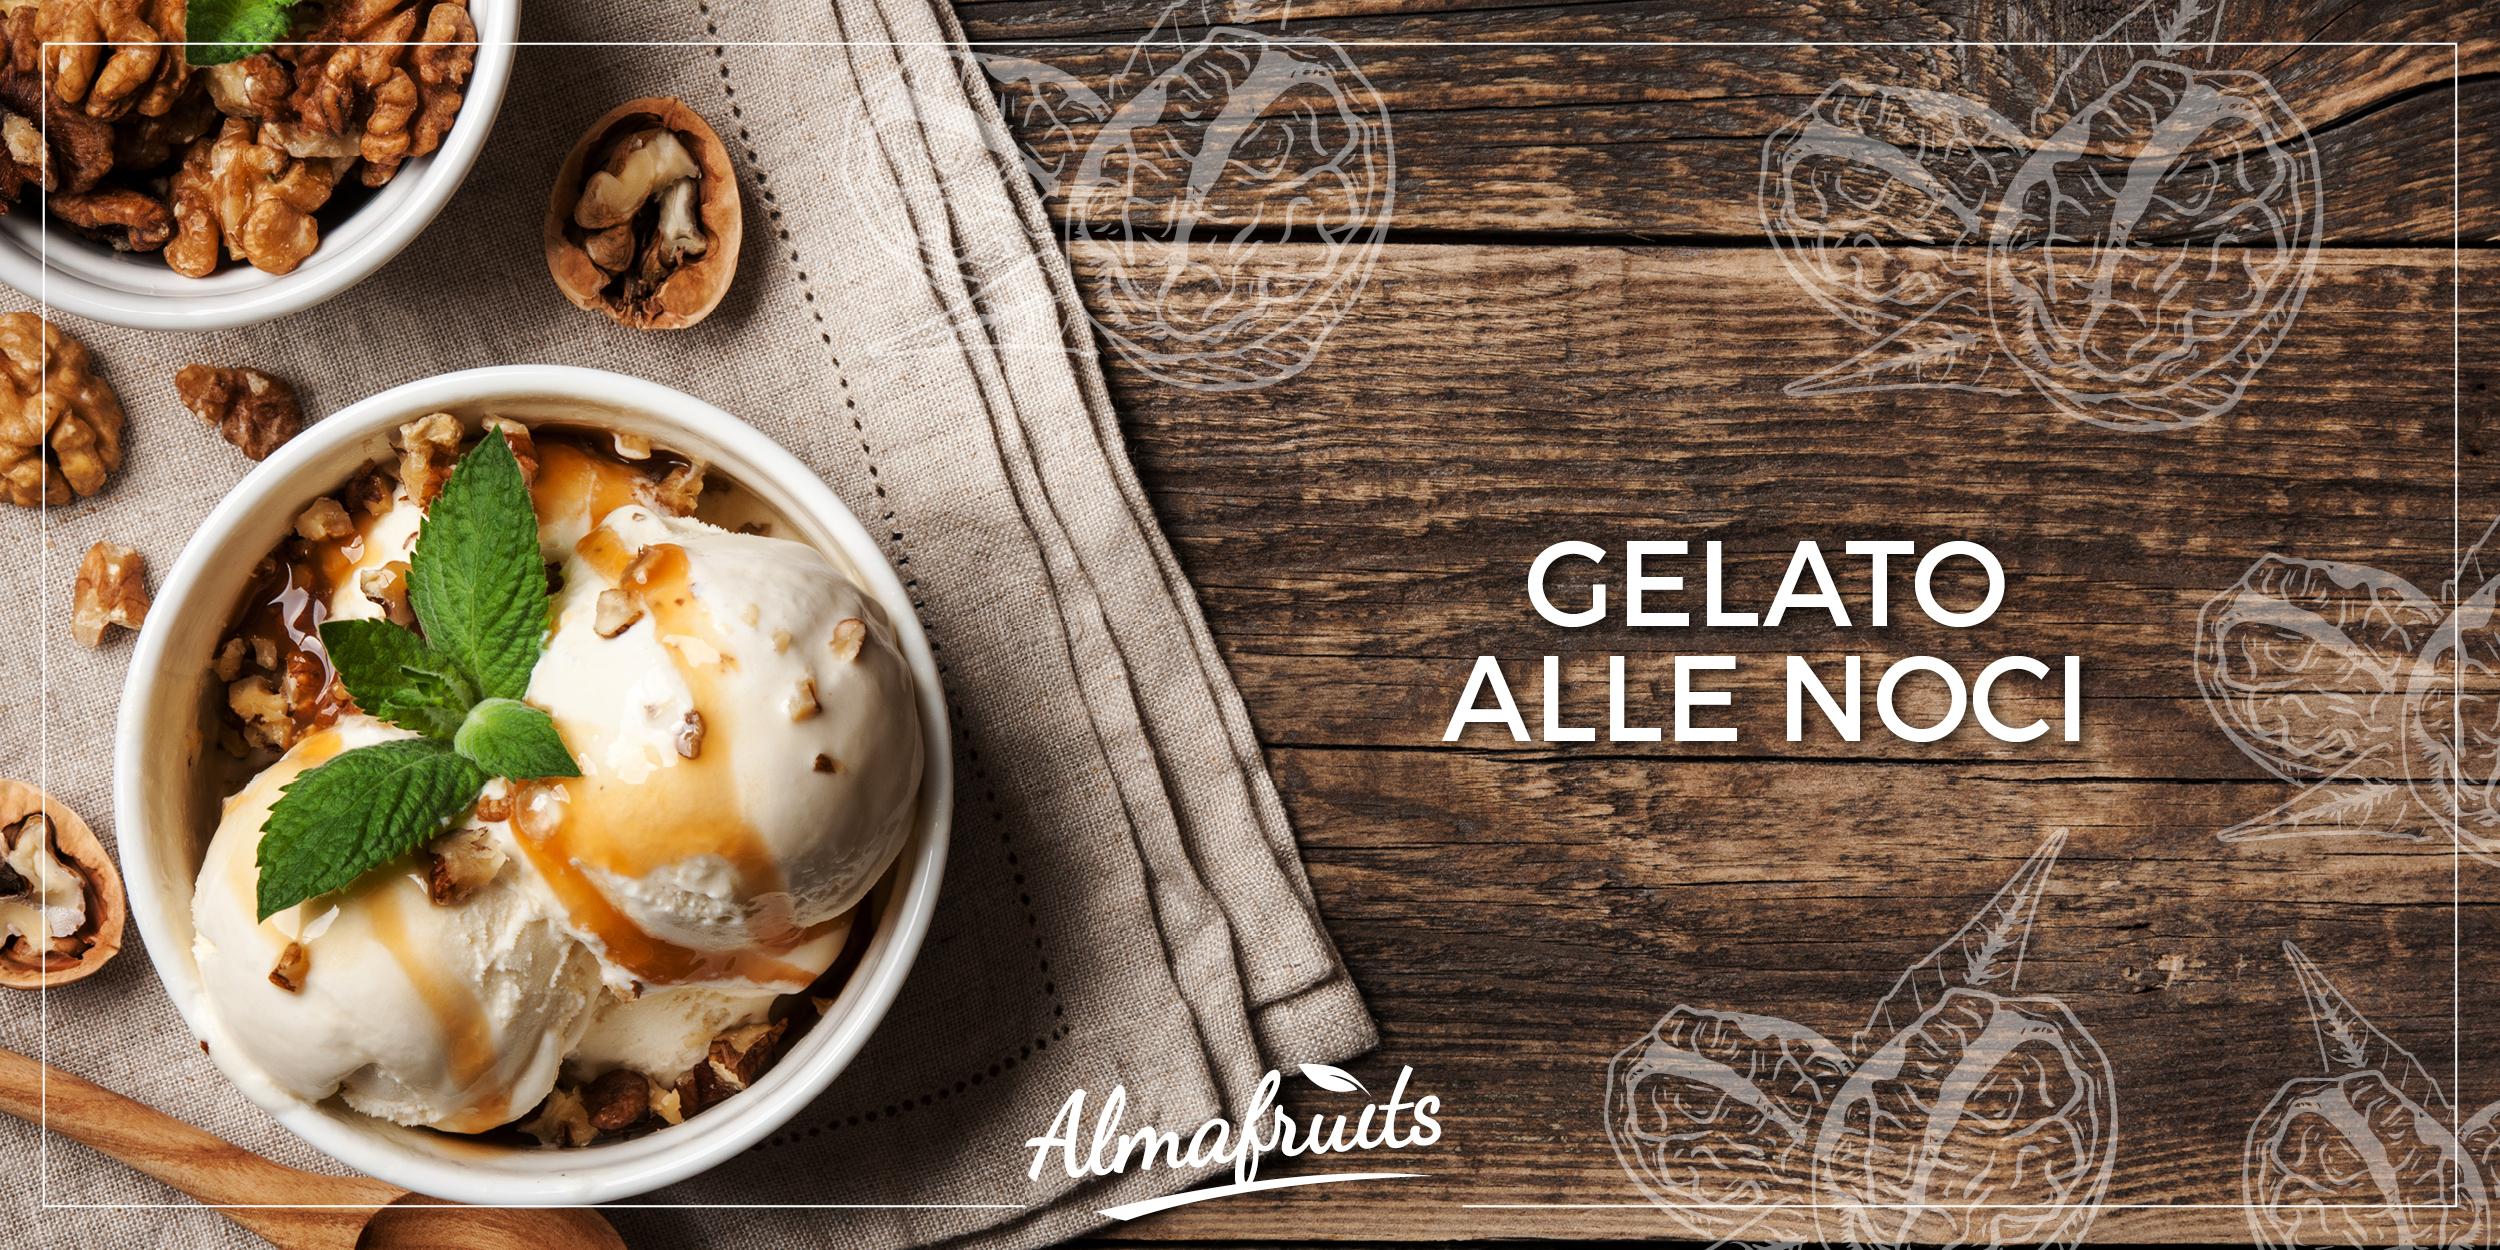 Gelato alle noci fatto in casa, anche senza gelatiera | Il Blog di Almasicily